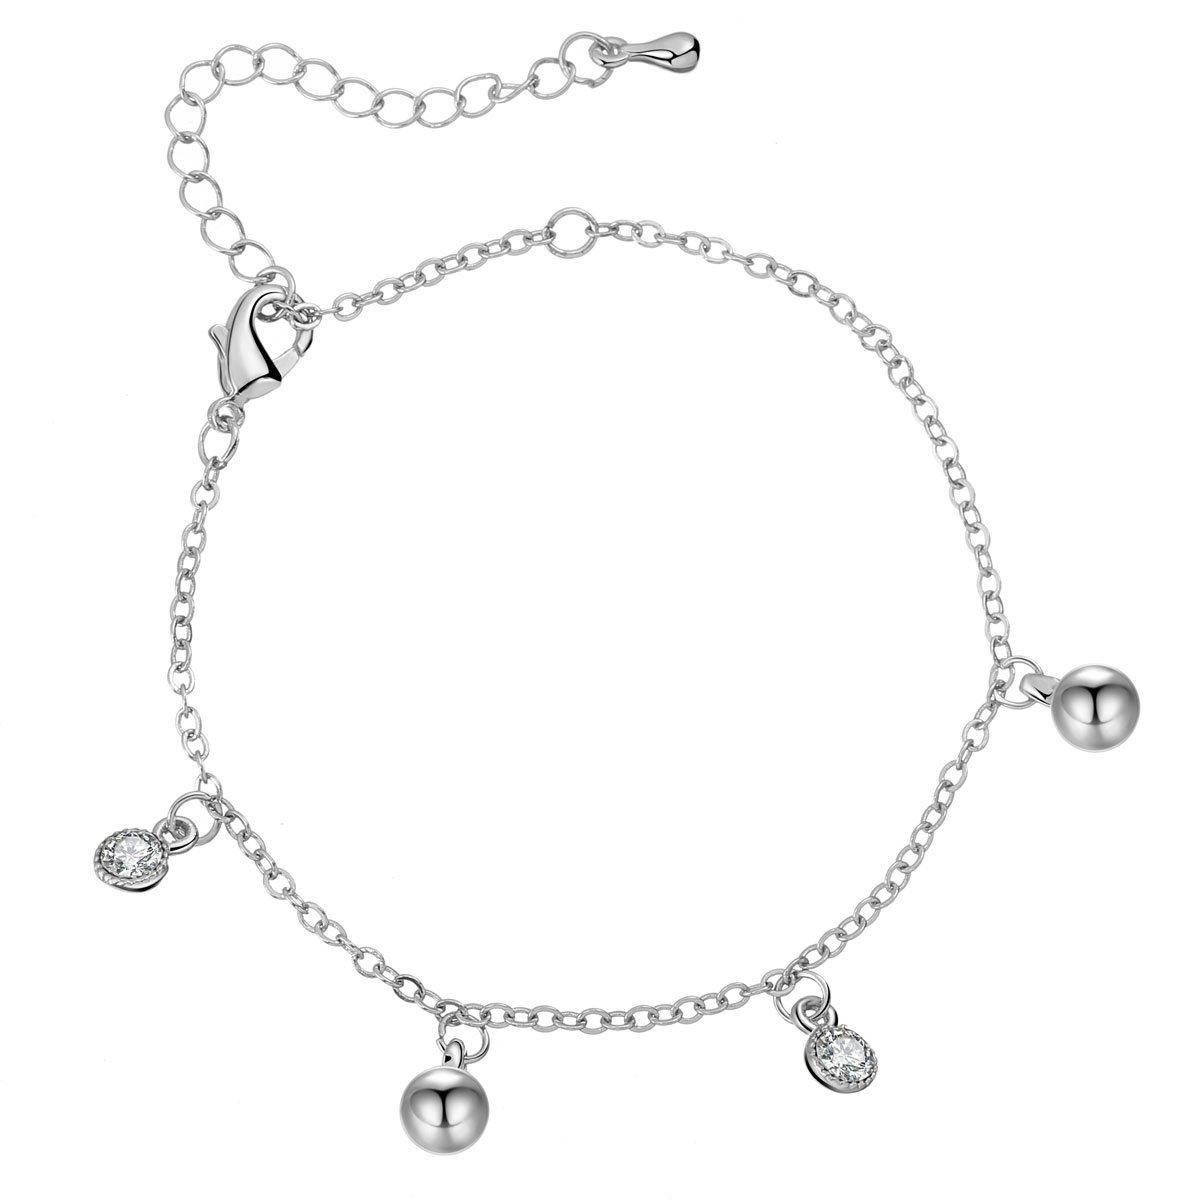 Bracelet de Cheville pour Femme, Bracelet de Cheville avec Breloques en Forme d'animals sous-Marin avec Cristal CZ Cadeau pour Amis Ouran jewelry JL0040